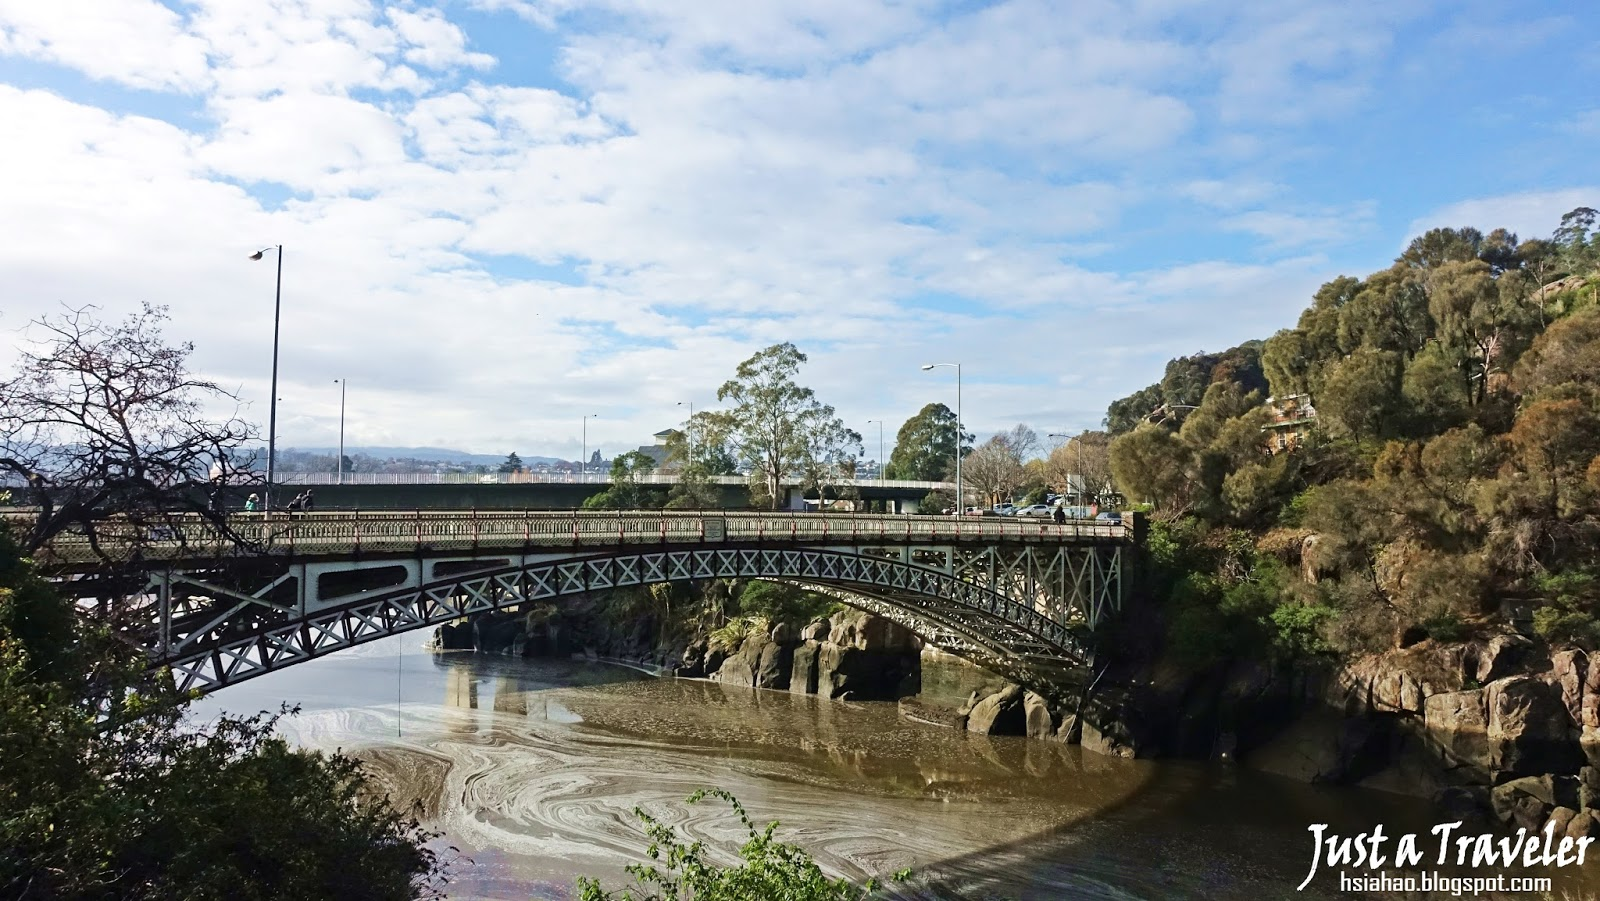 塔斯馬尼亞-景點-推薦-激流峽谷-Cataract-Gorge-Reserve-國王大橋-King's-Bridge-旅遊-自由行-澳洲-Tasmania-Tourist-Attraction-Australia